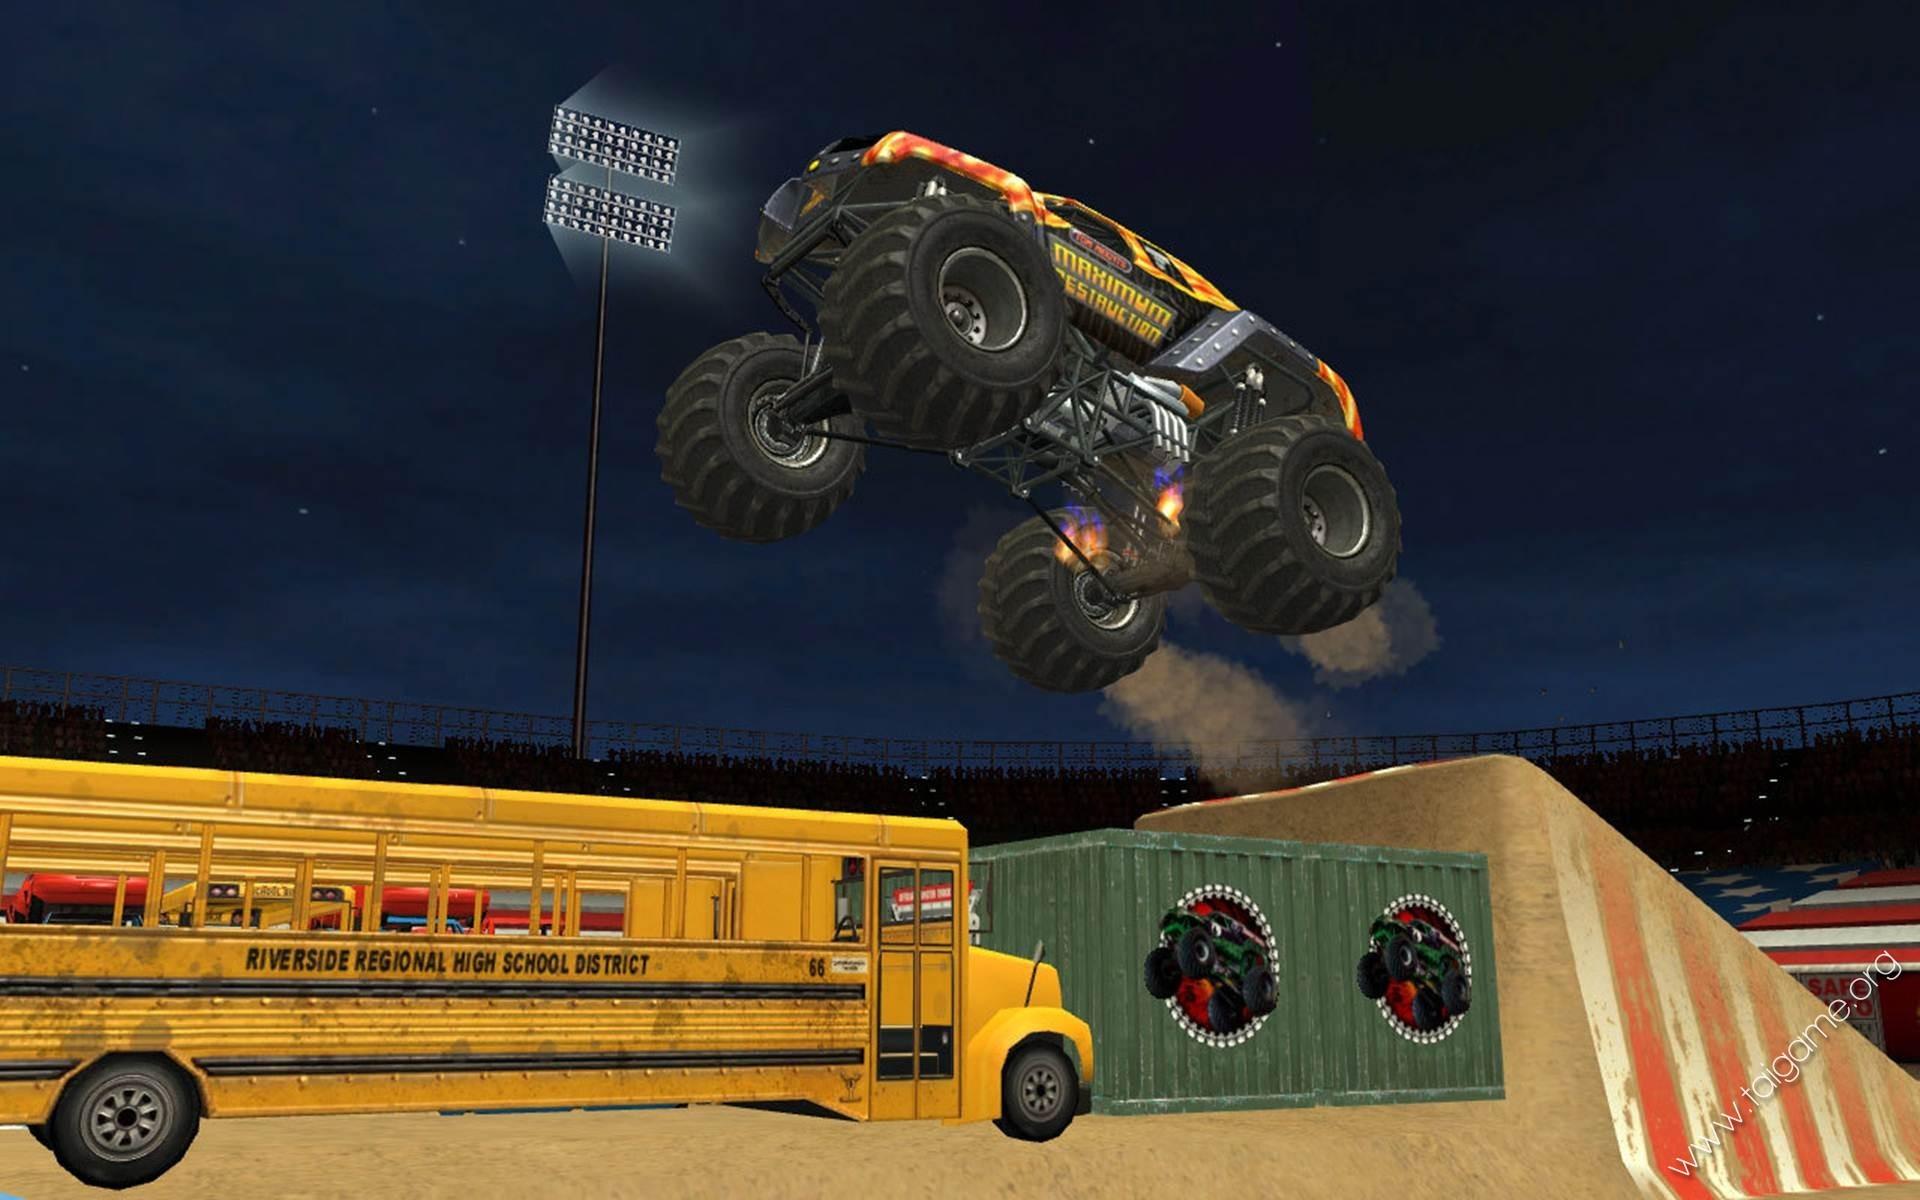 monster jam download free full games racing games. Black Bedroom Furniture Sets. Home Design Ideas